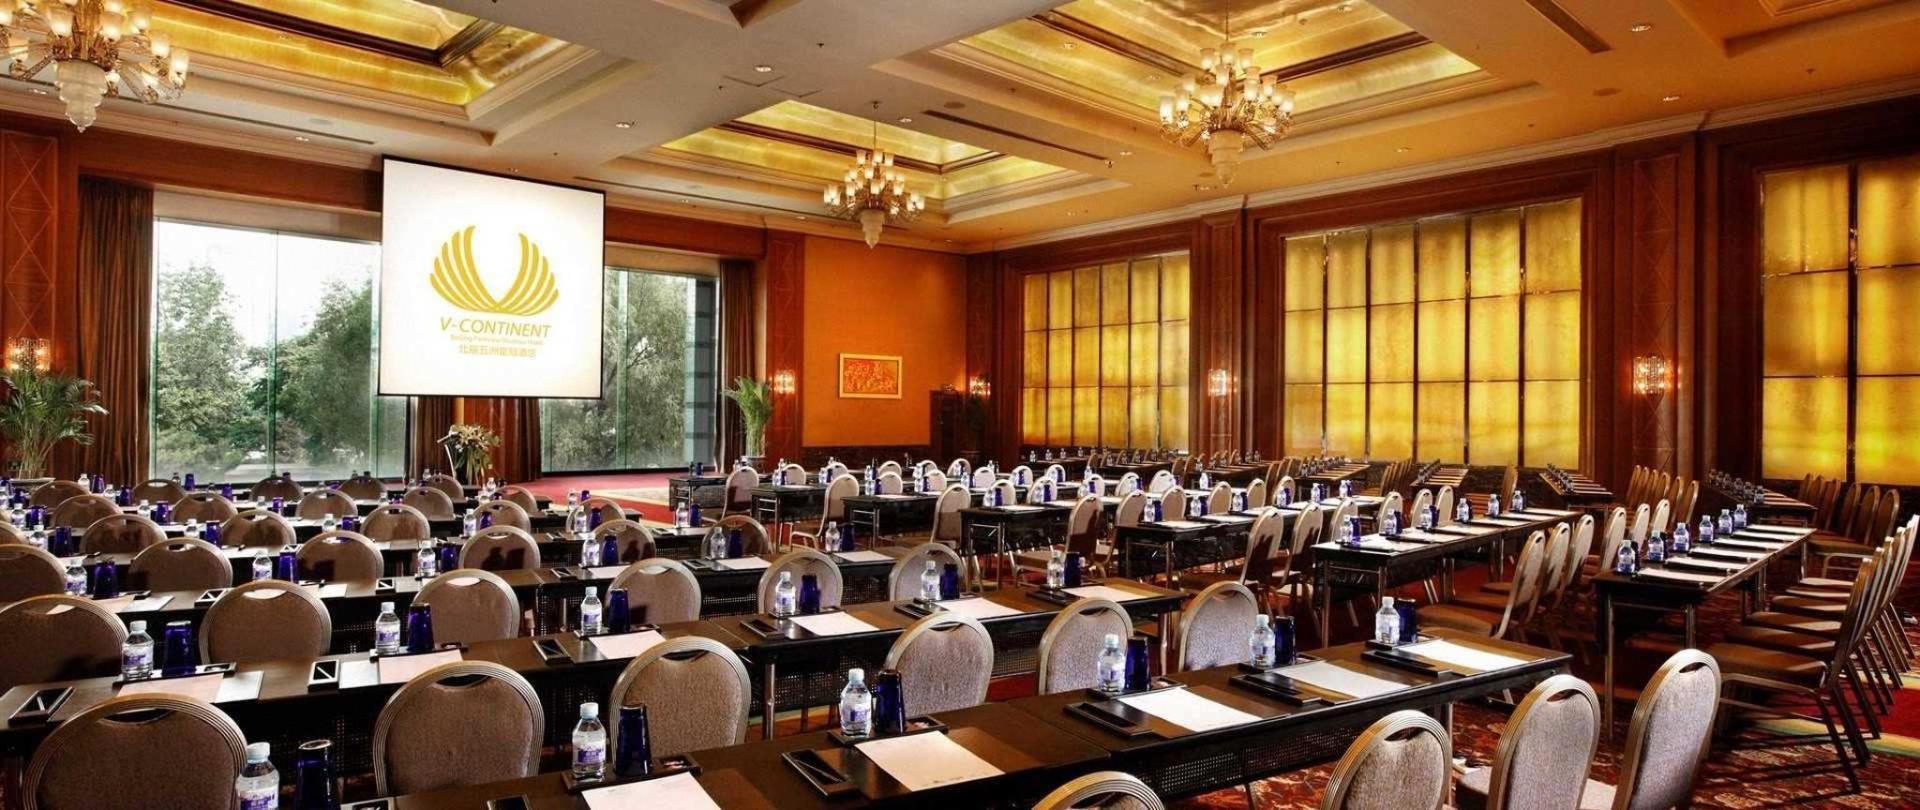 V-Continent Wuzhou Hotel